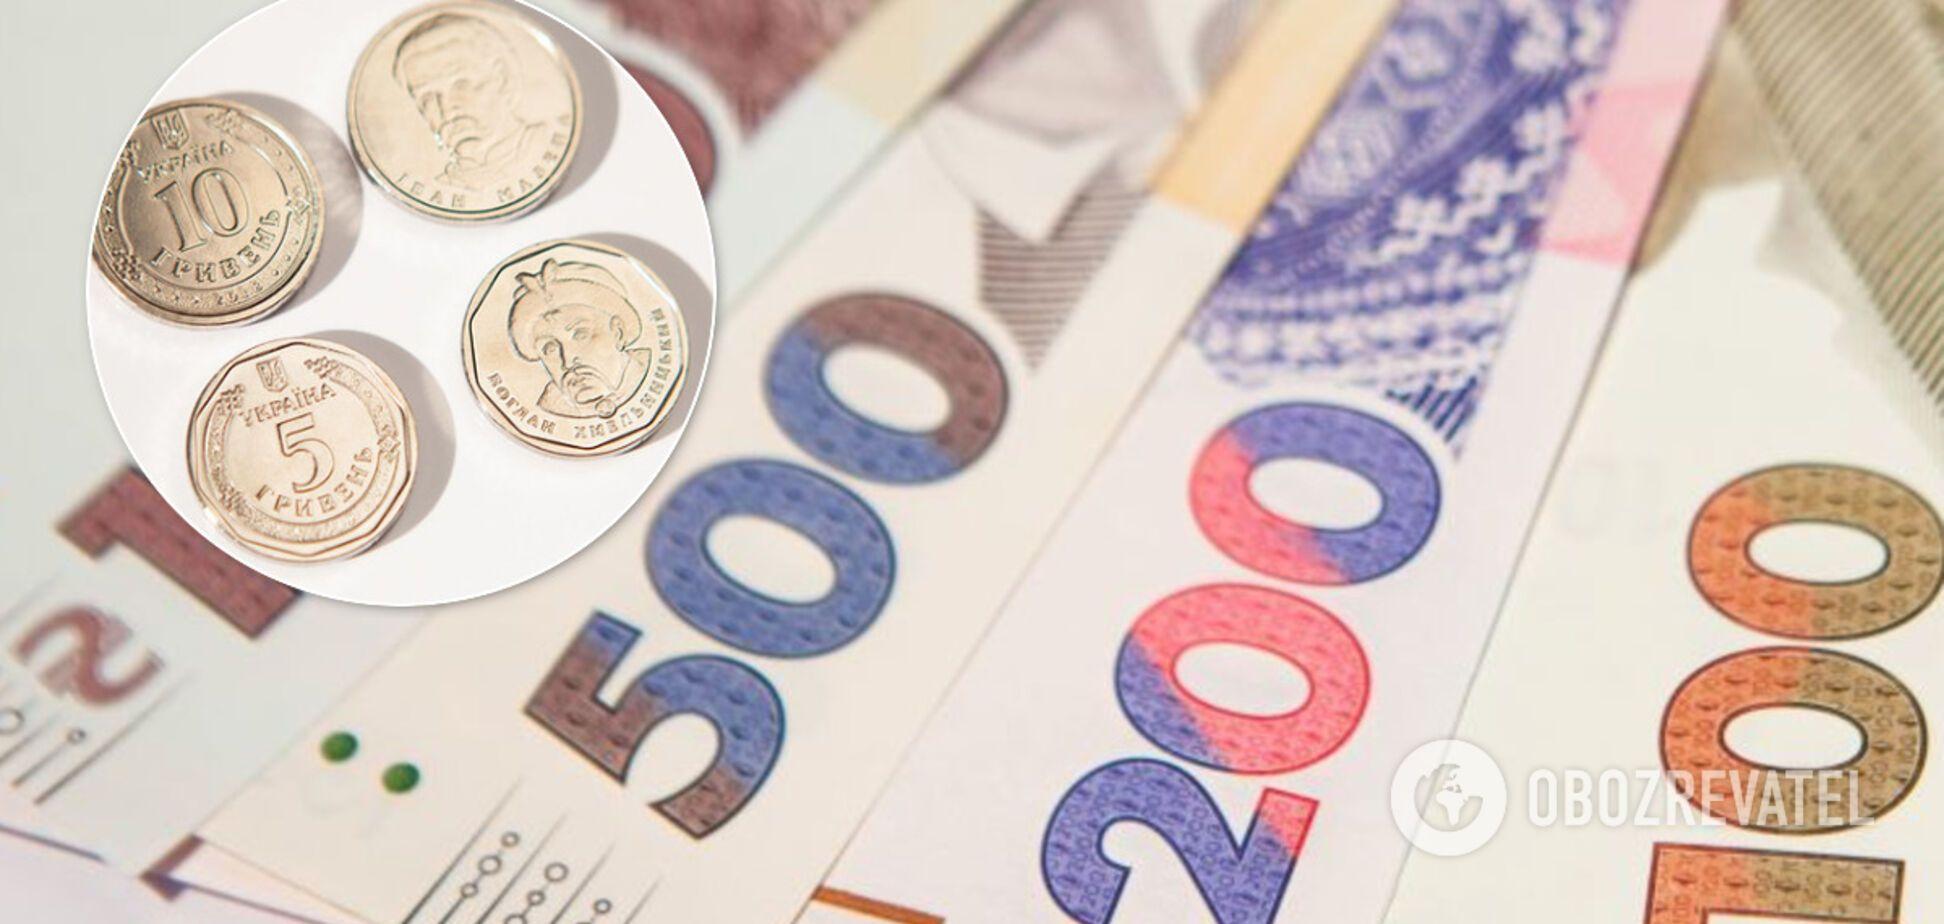 В Украине ввели в оборот новые 10 гривен: как они выглядят